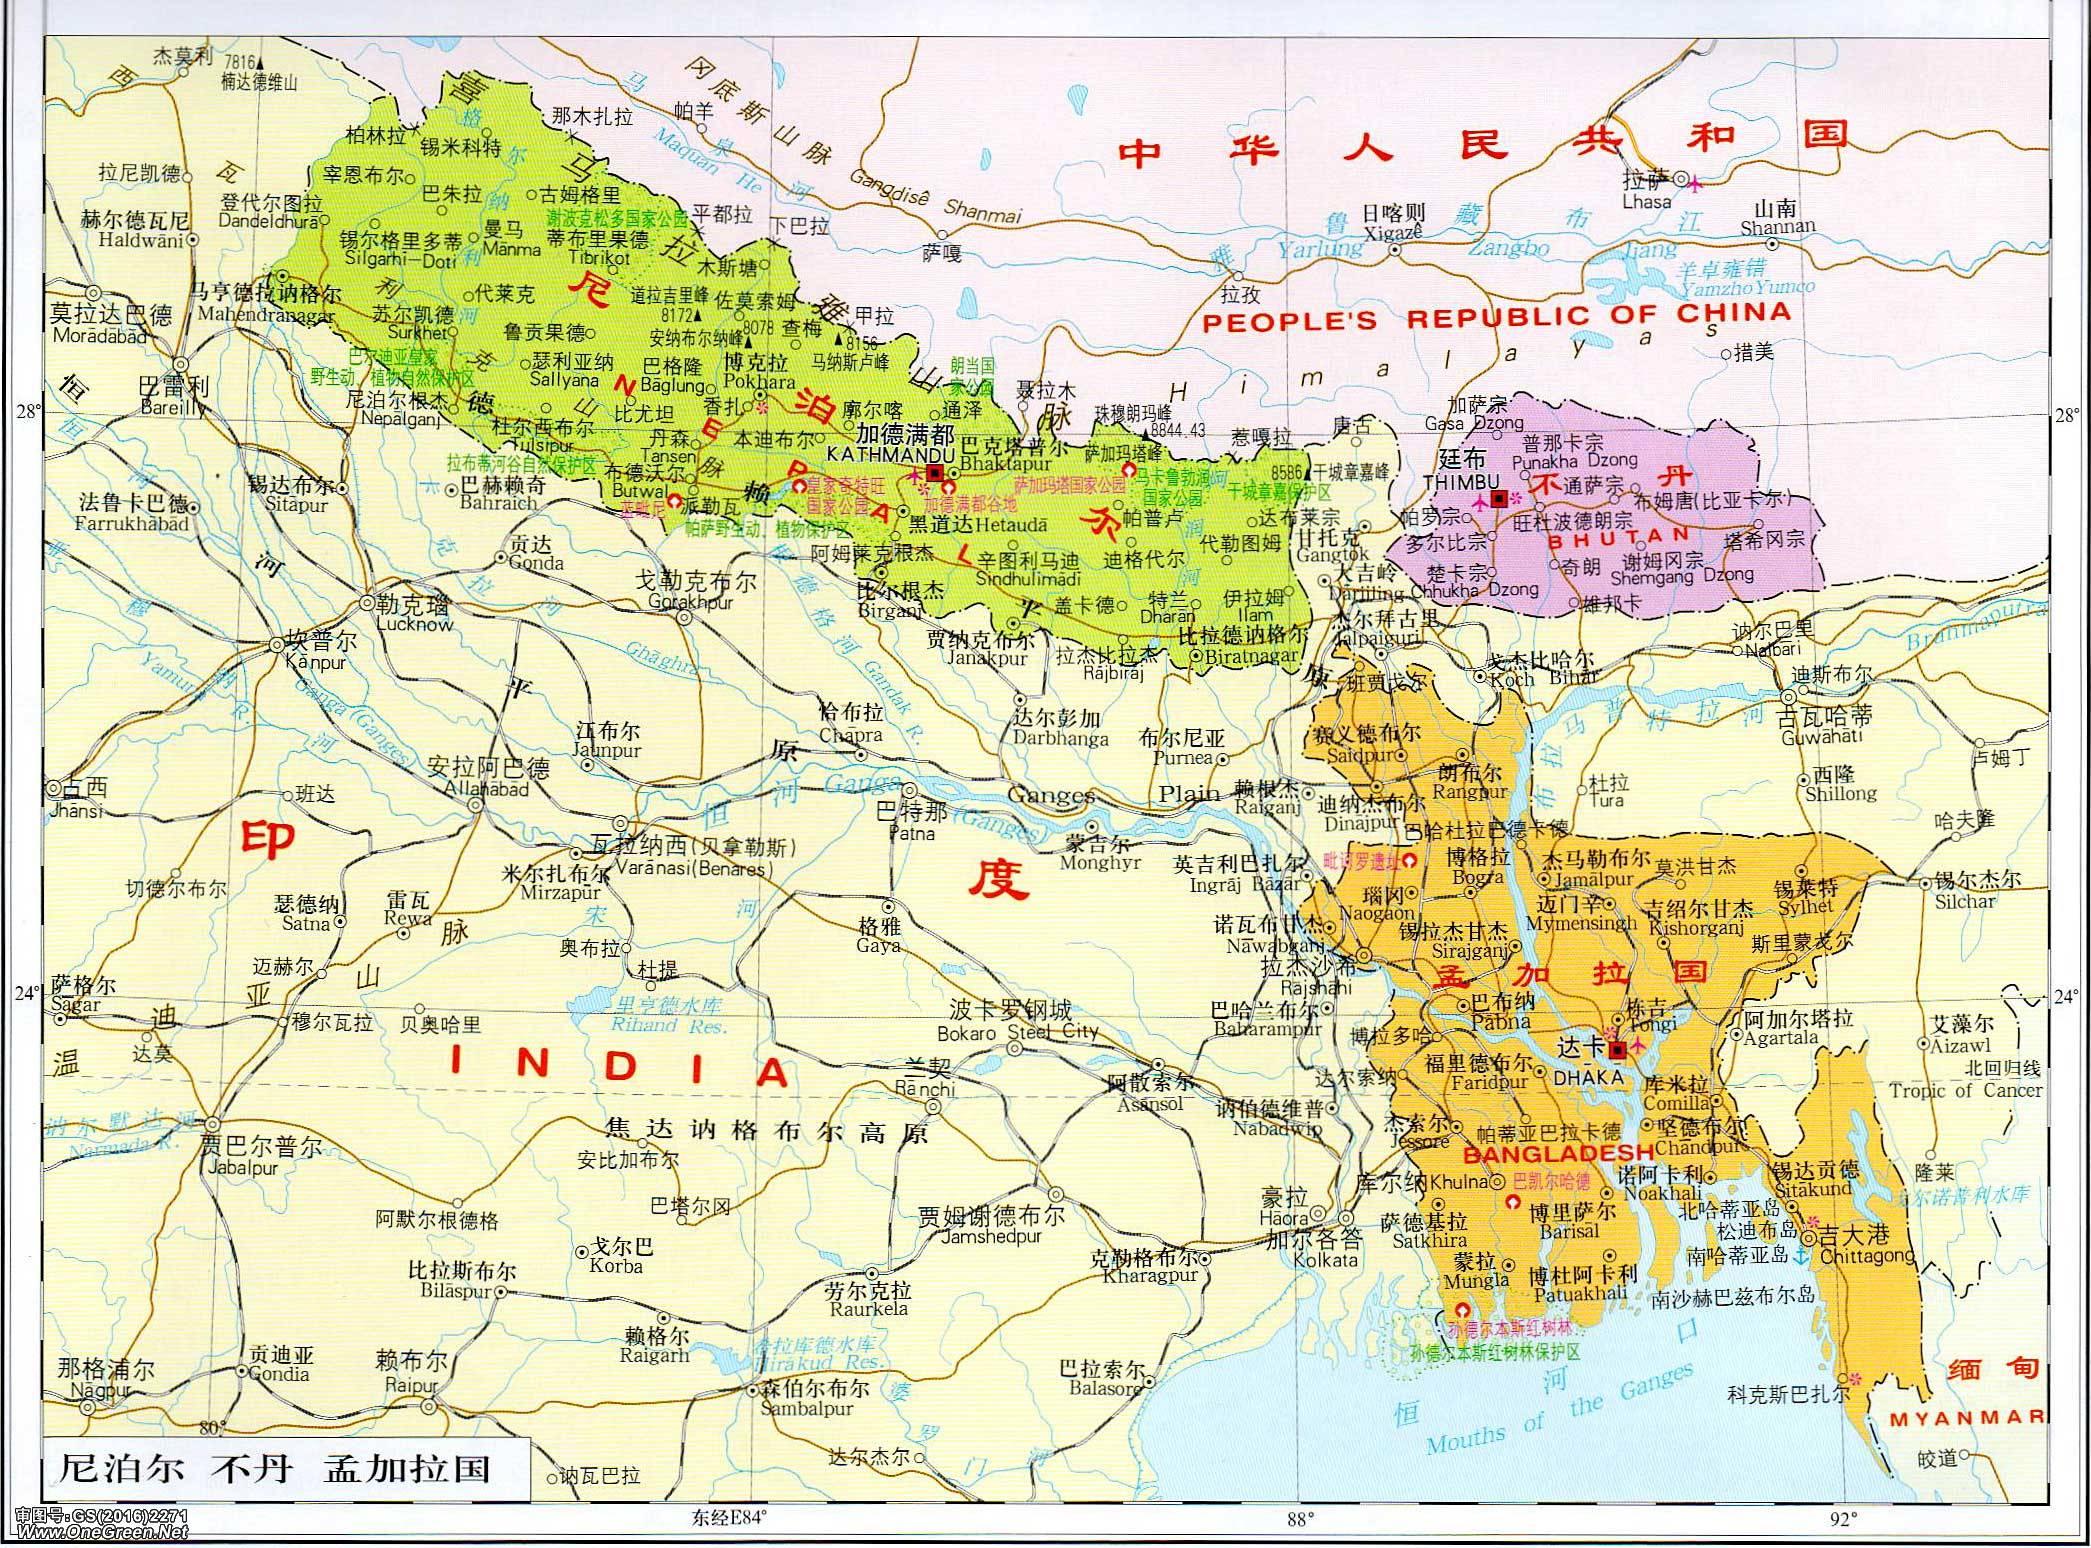 尼泊尔地图_尼泊尔地图_尼泊尔地图库_地图窝